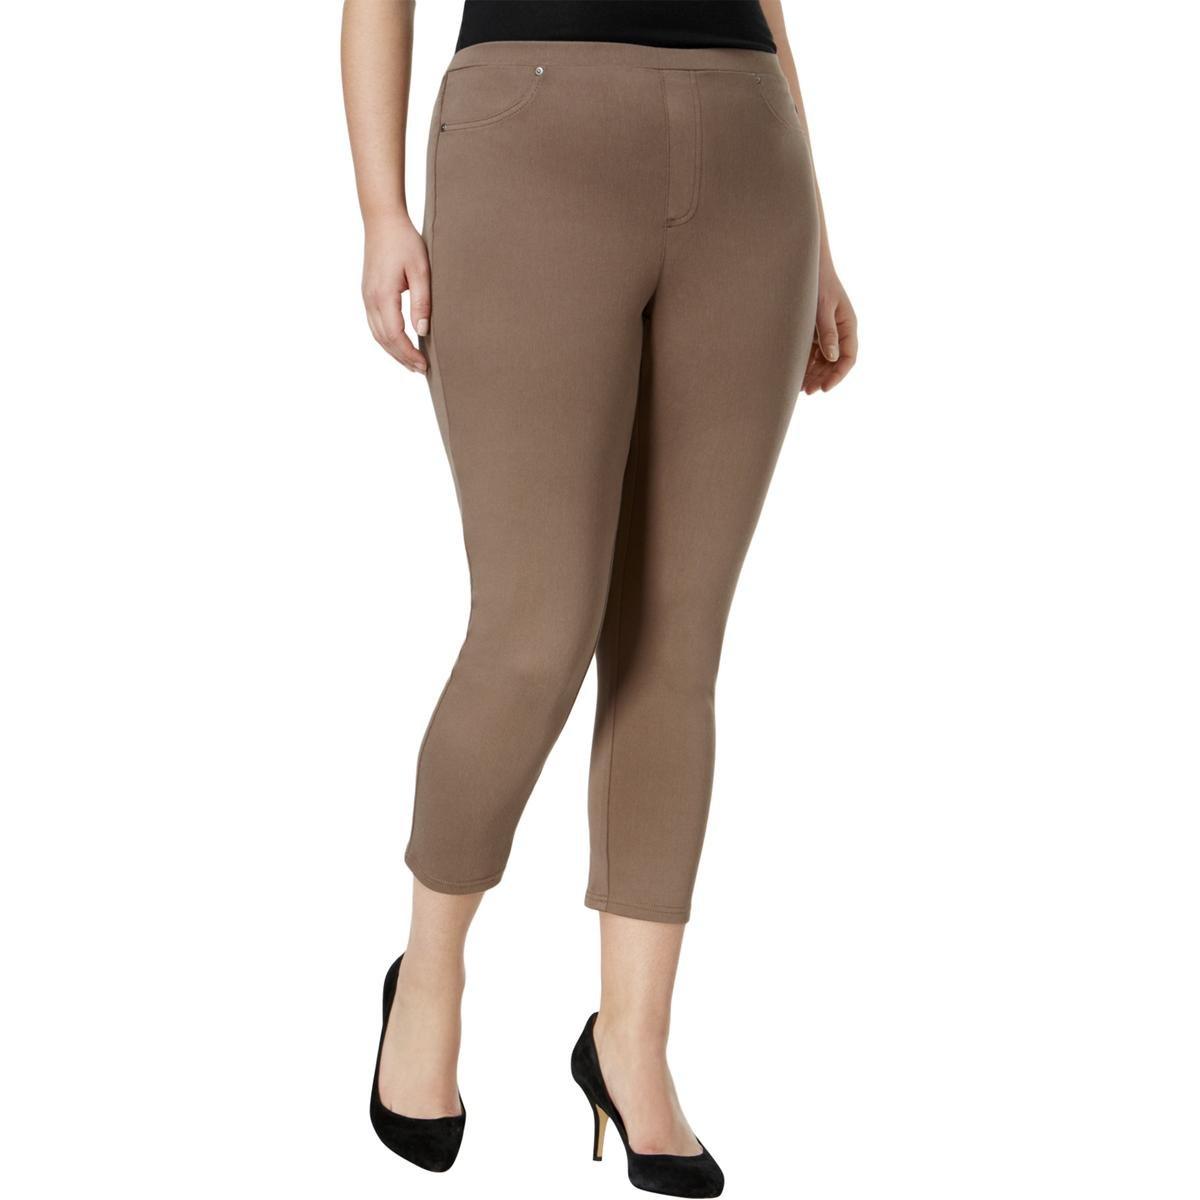 Style & Co.. Womens Plus Knit Capri Legging Ponte Capri Pants Brown 0X